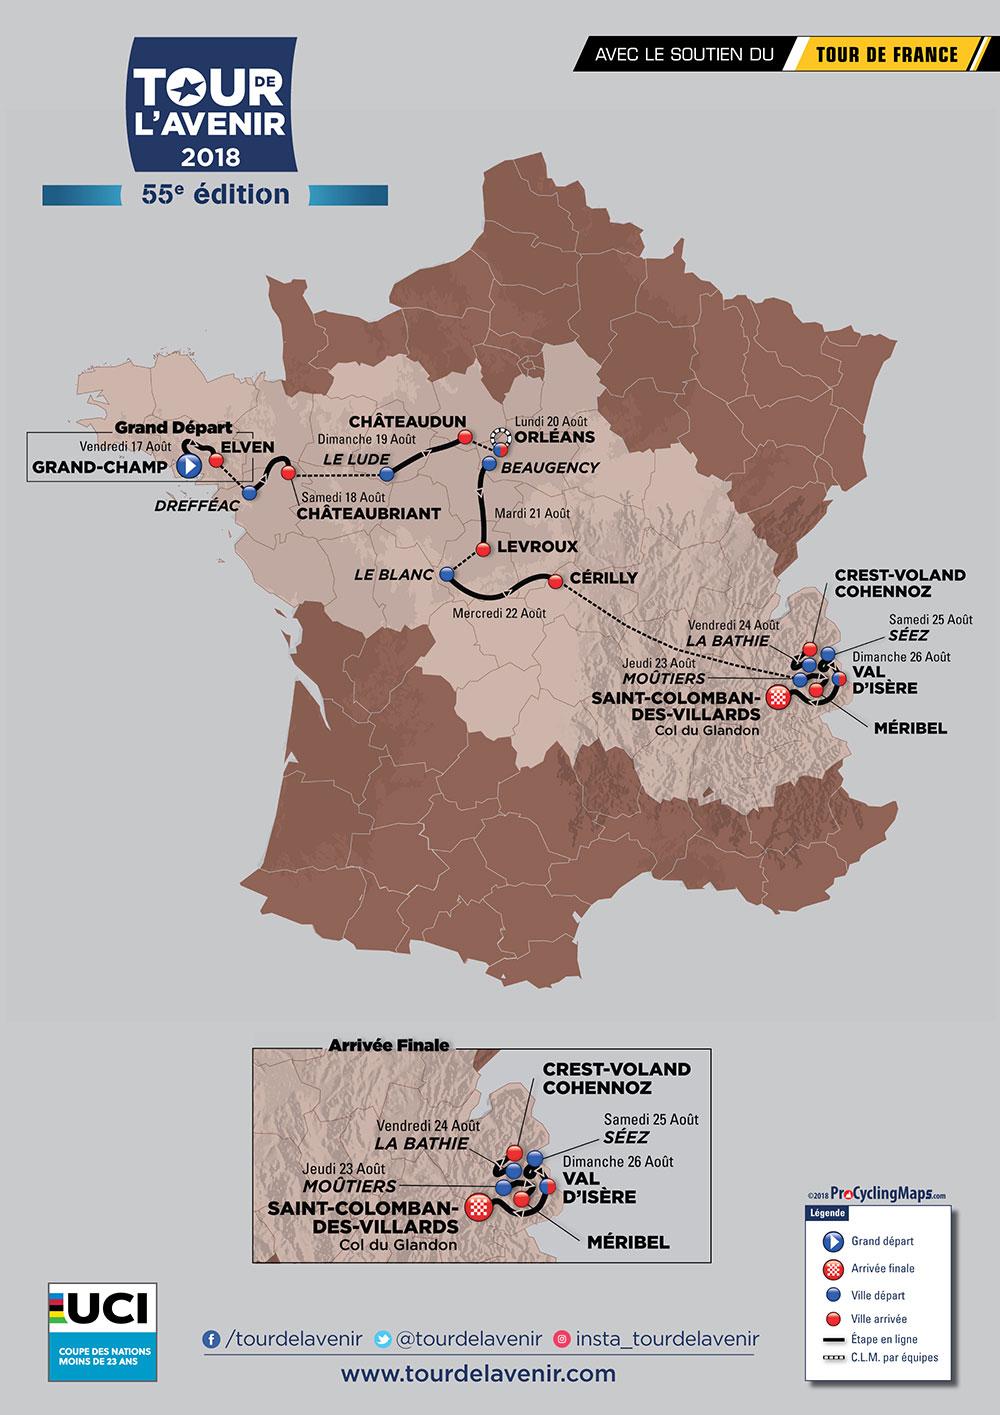 Recorrido del Tour de l'Avenir 2018